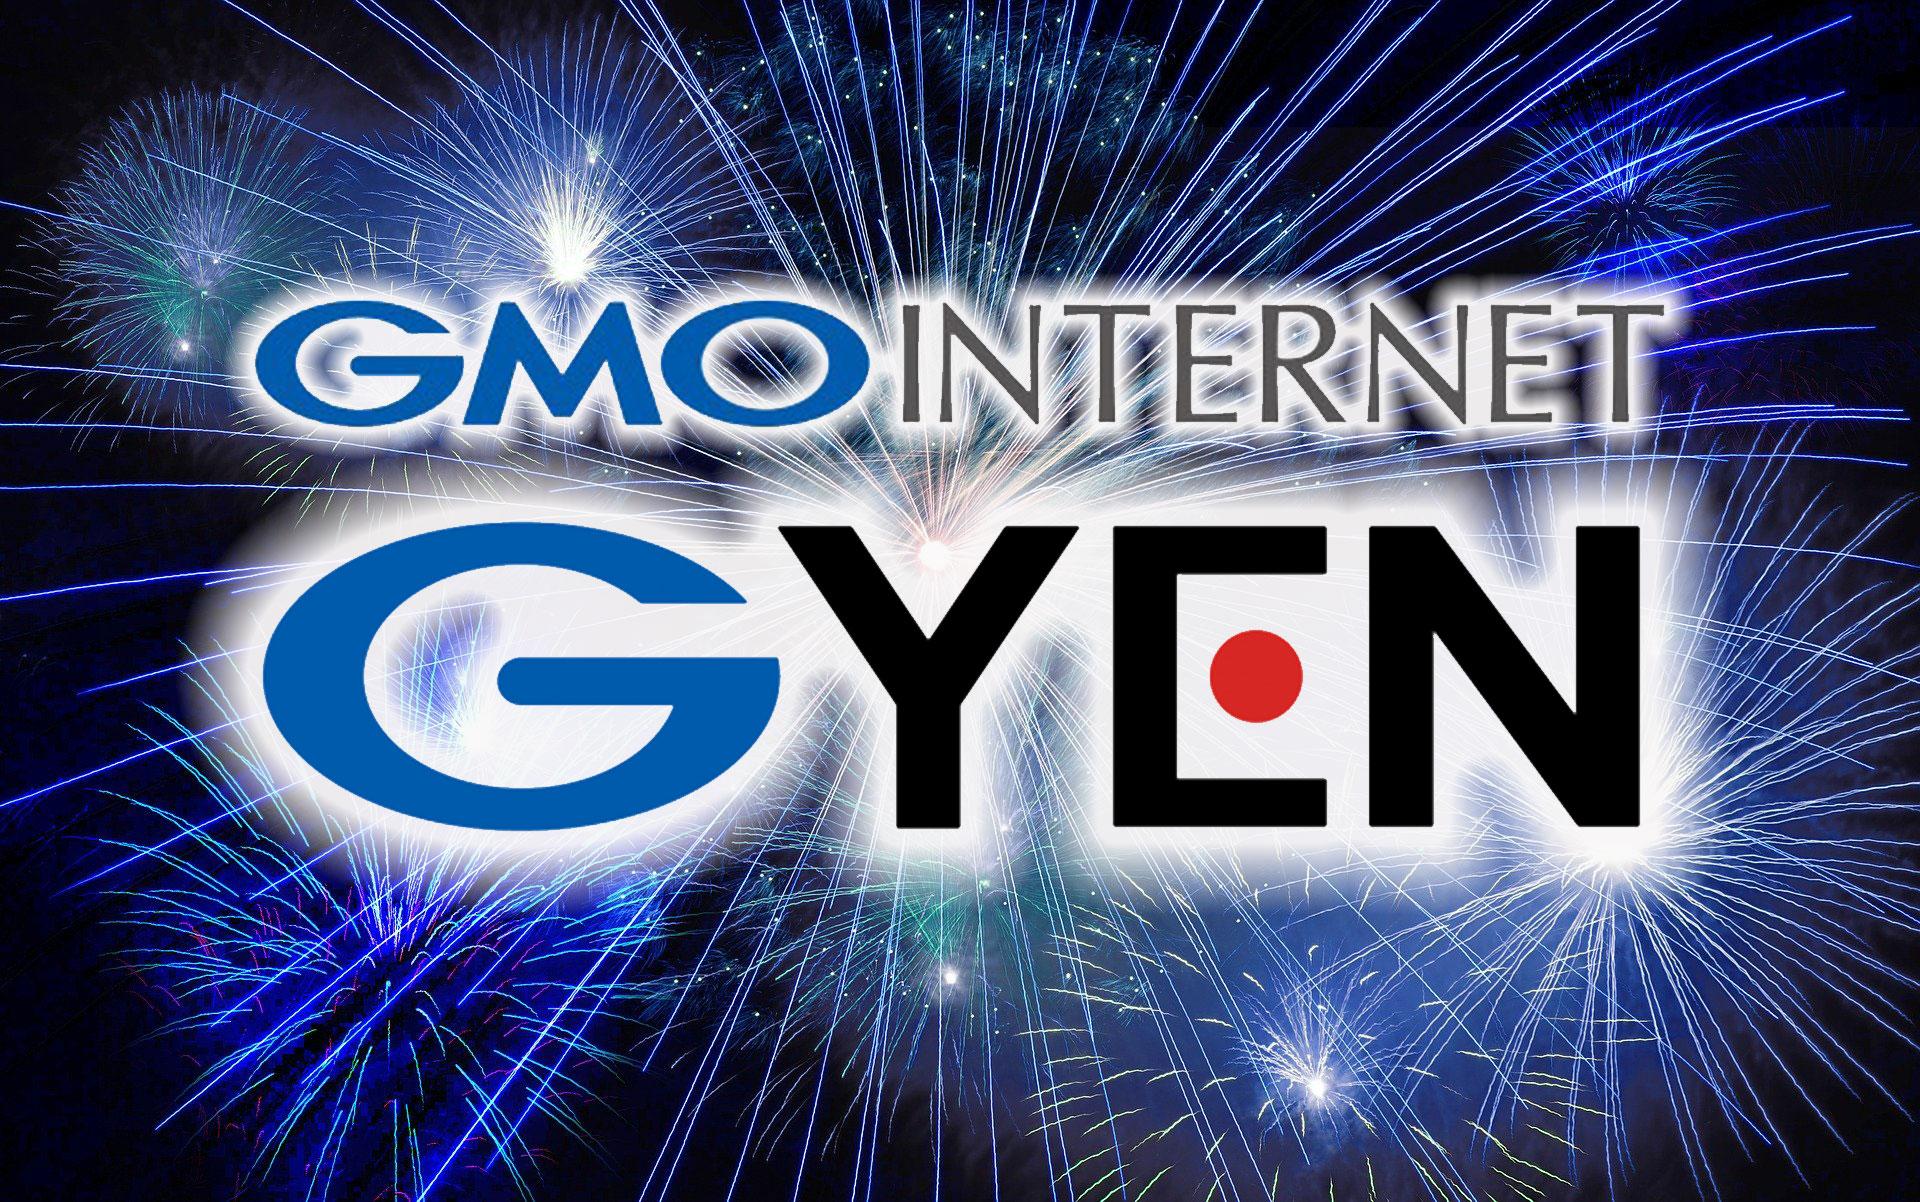 GMOインターネット、日本円に連動する暗号資産「GYEN」をいよいよ今月取引開始!